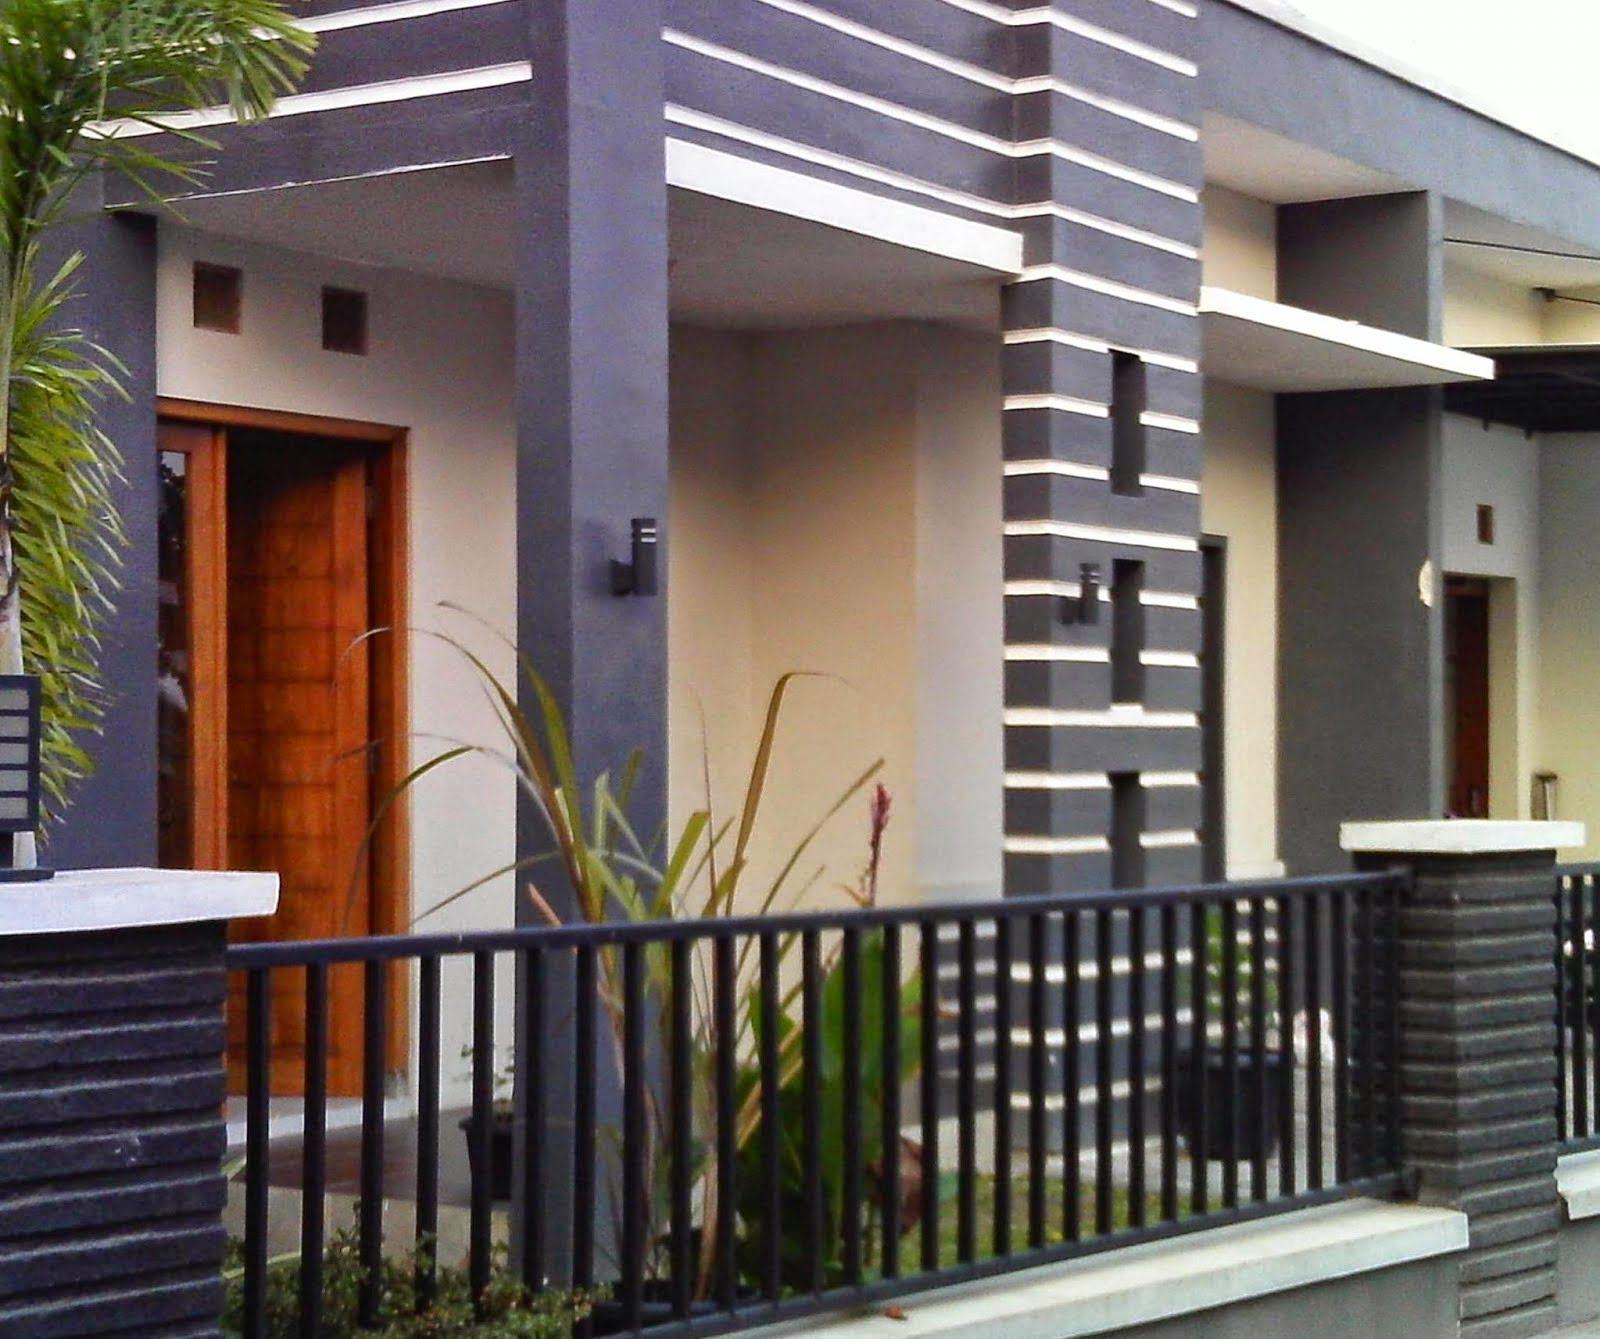 82 Ide Desain Rumah Minimalis Cor Dak Paling Populer Di Dunia Deagam Design